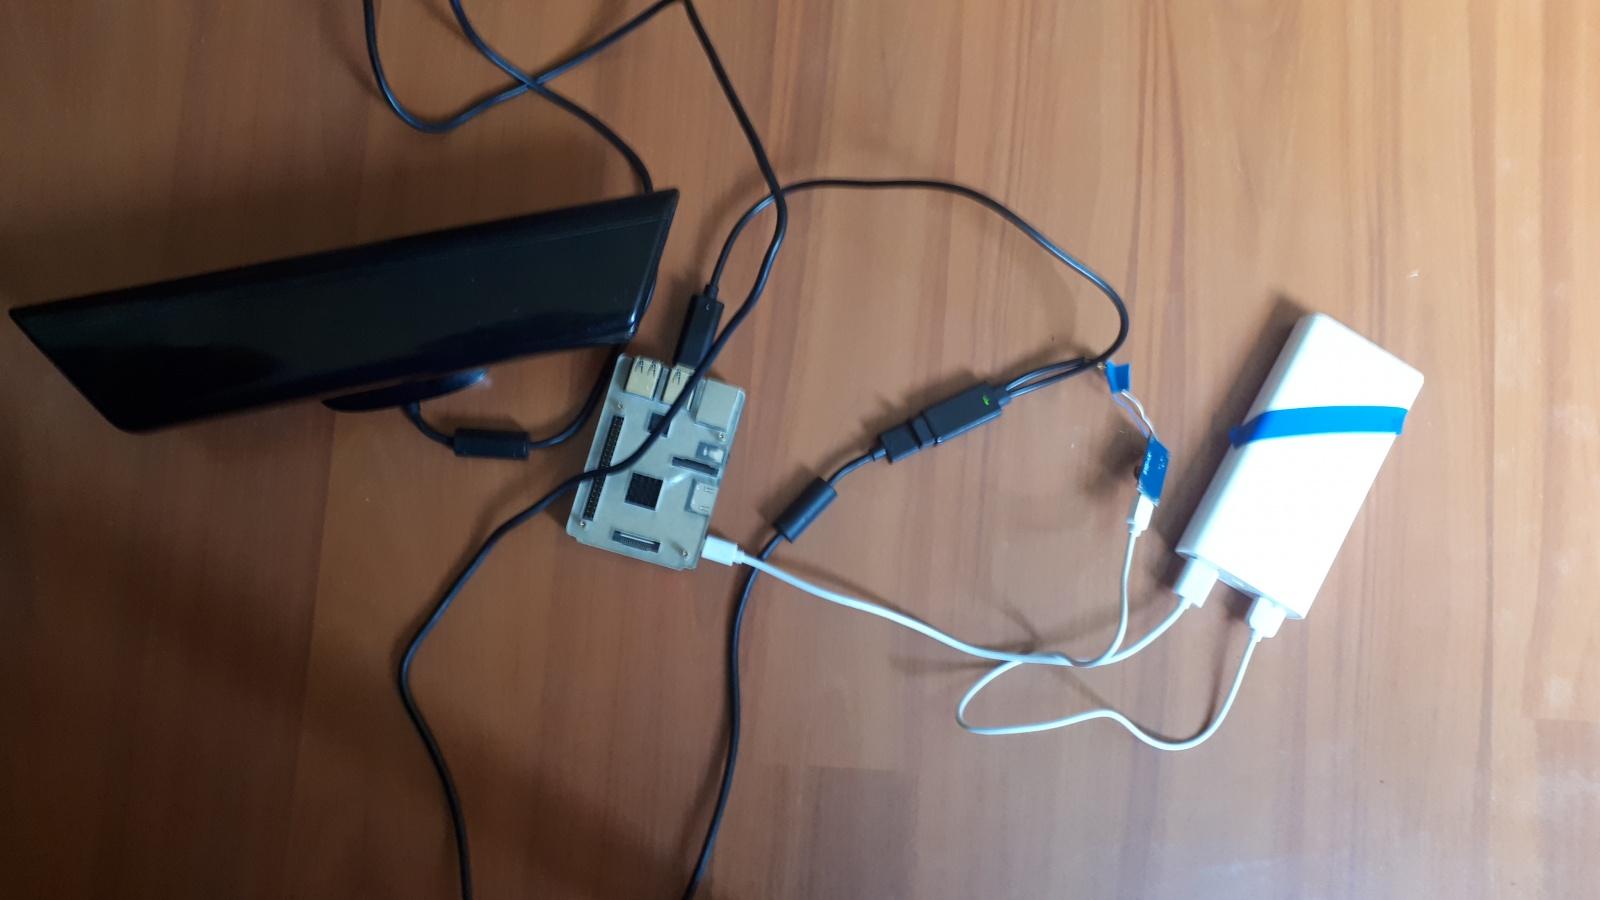 Робот-тележка 2.0. Автономная навигация домашнего робота на базе ROS. Часть 1 - 1